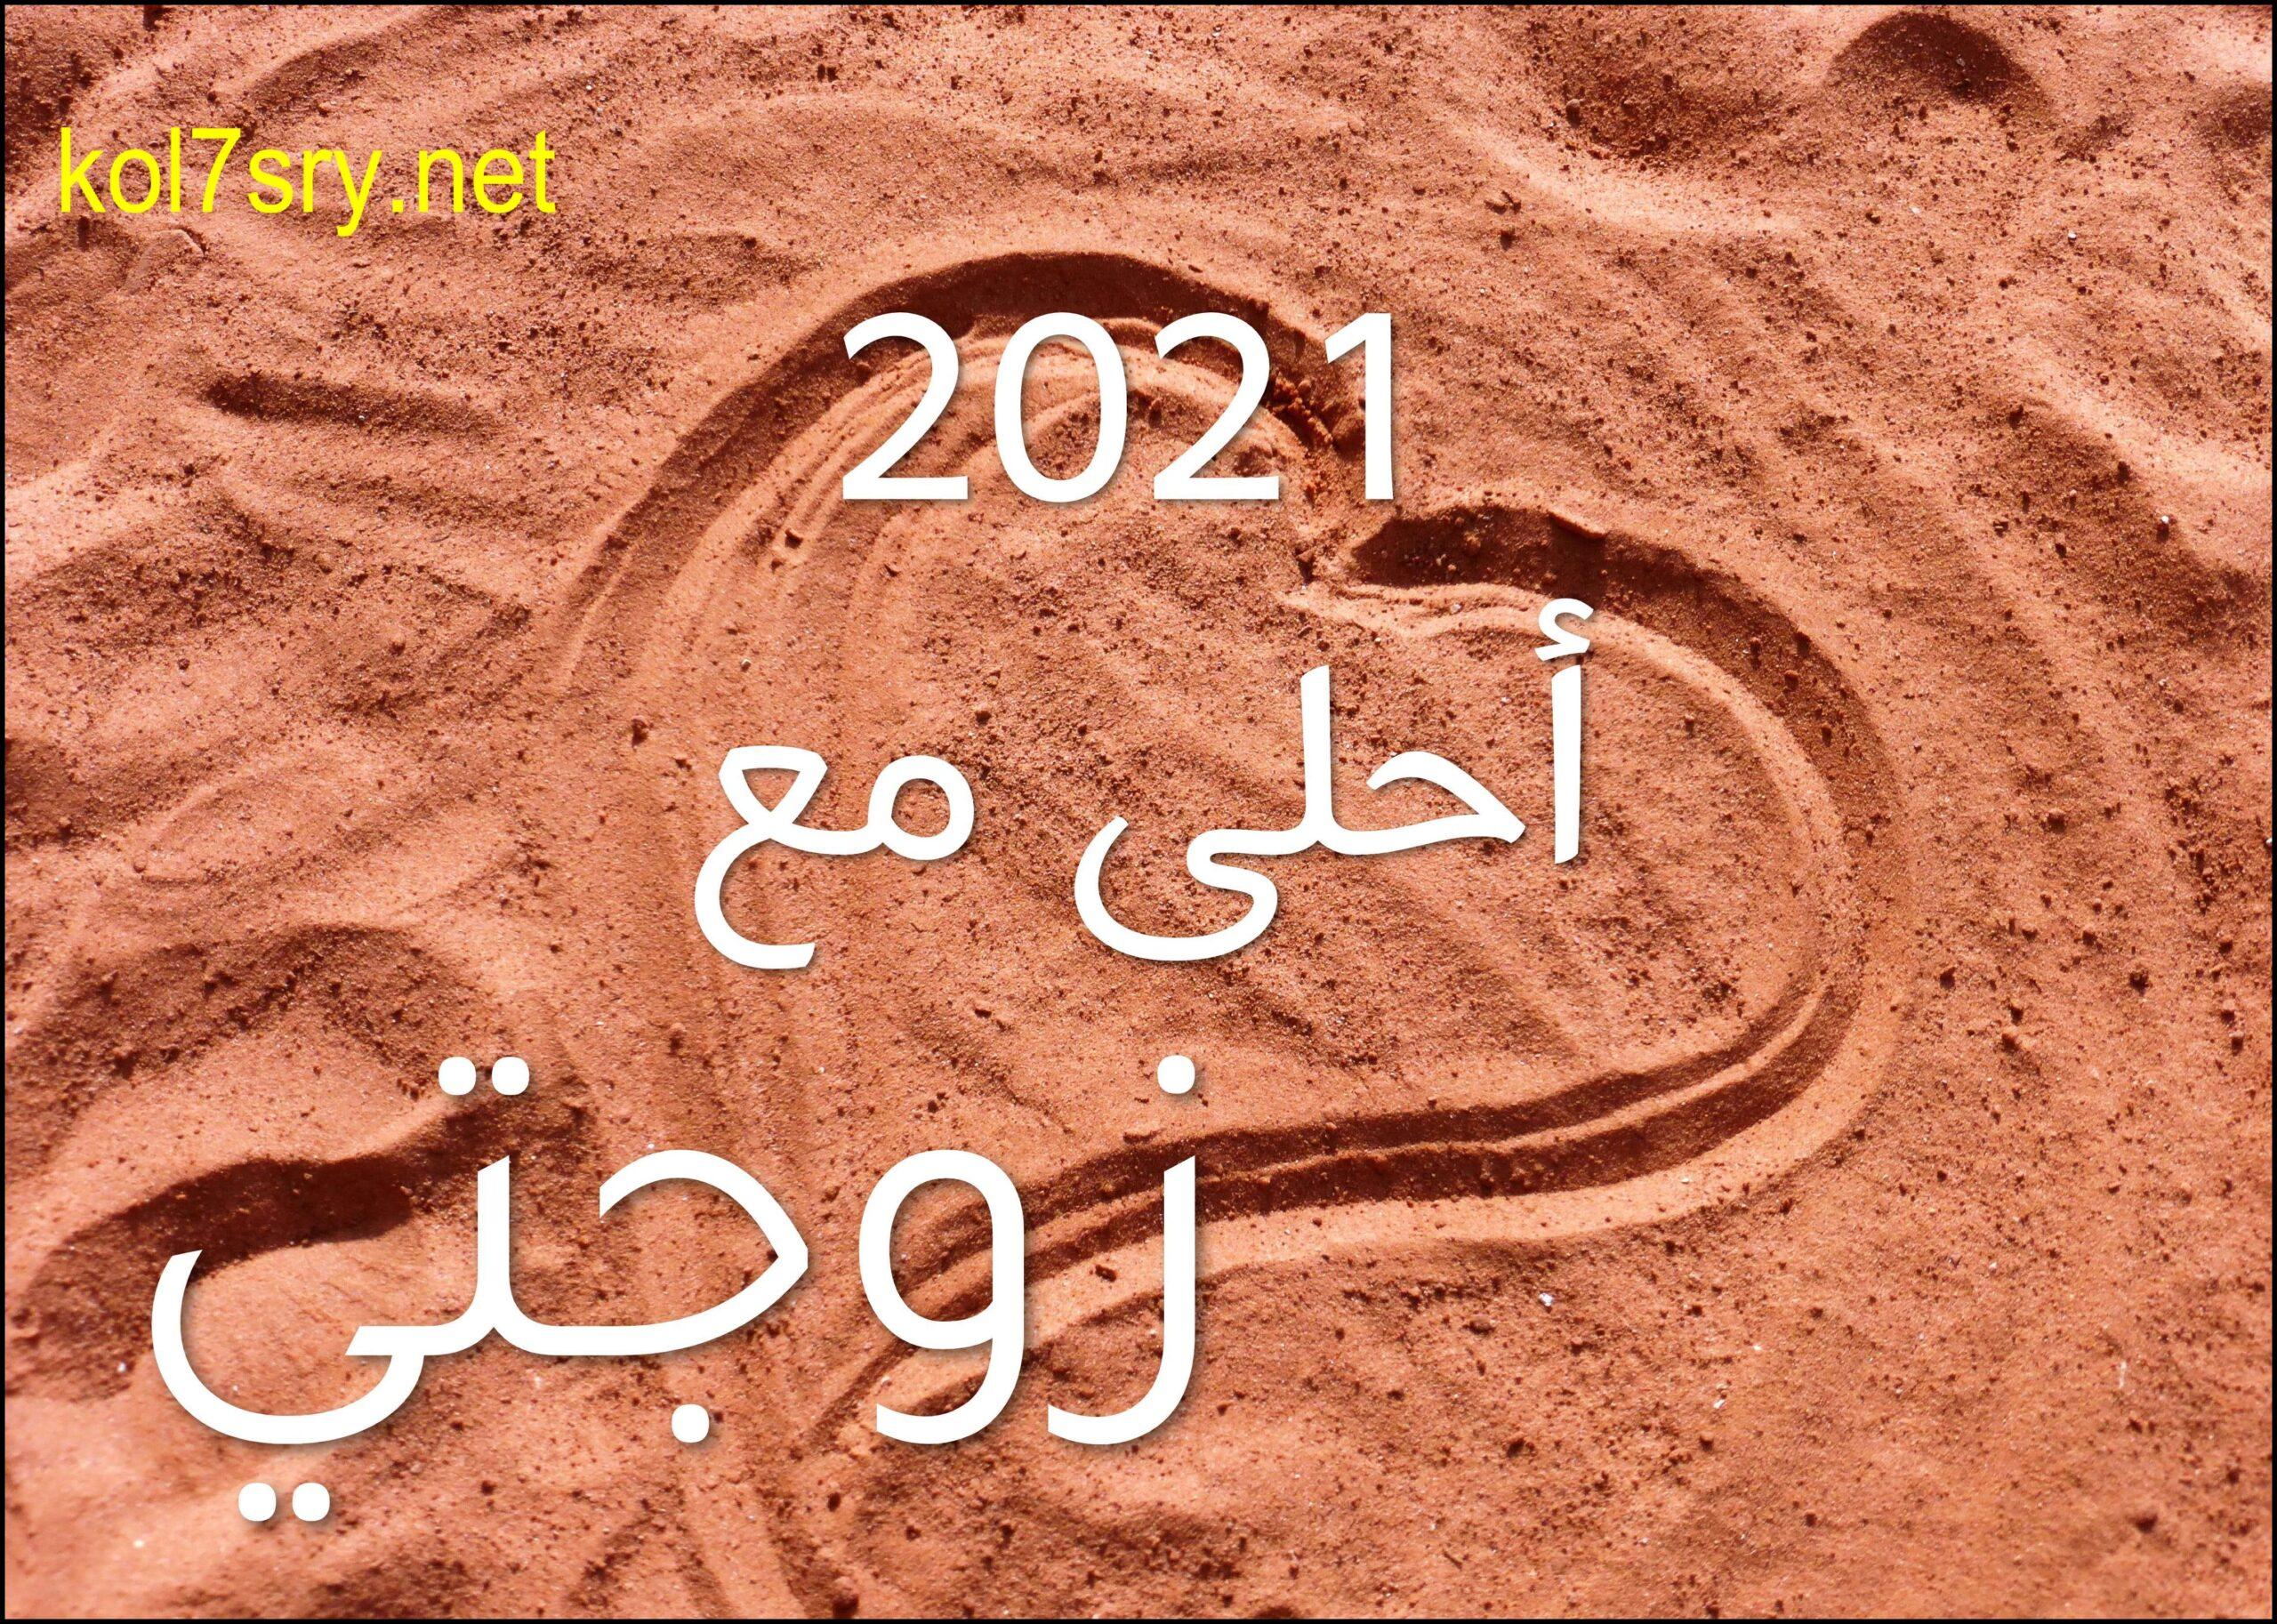 2021 أحلى مع اسمك أجمل 40 صورة HD لعام 2021 احلى مع مجانا اطلب التصميم بالتعليقات 27